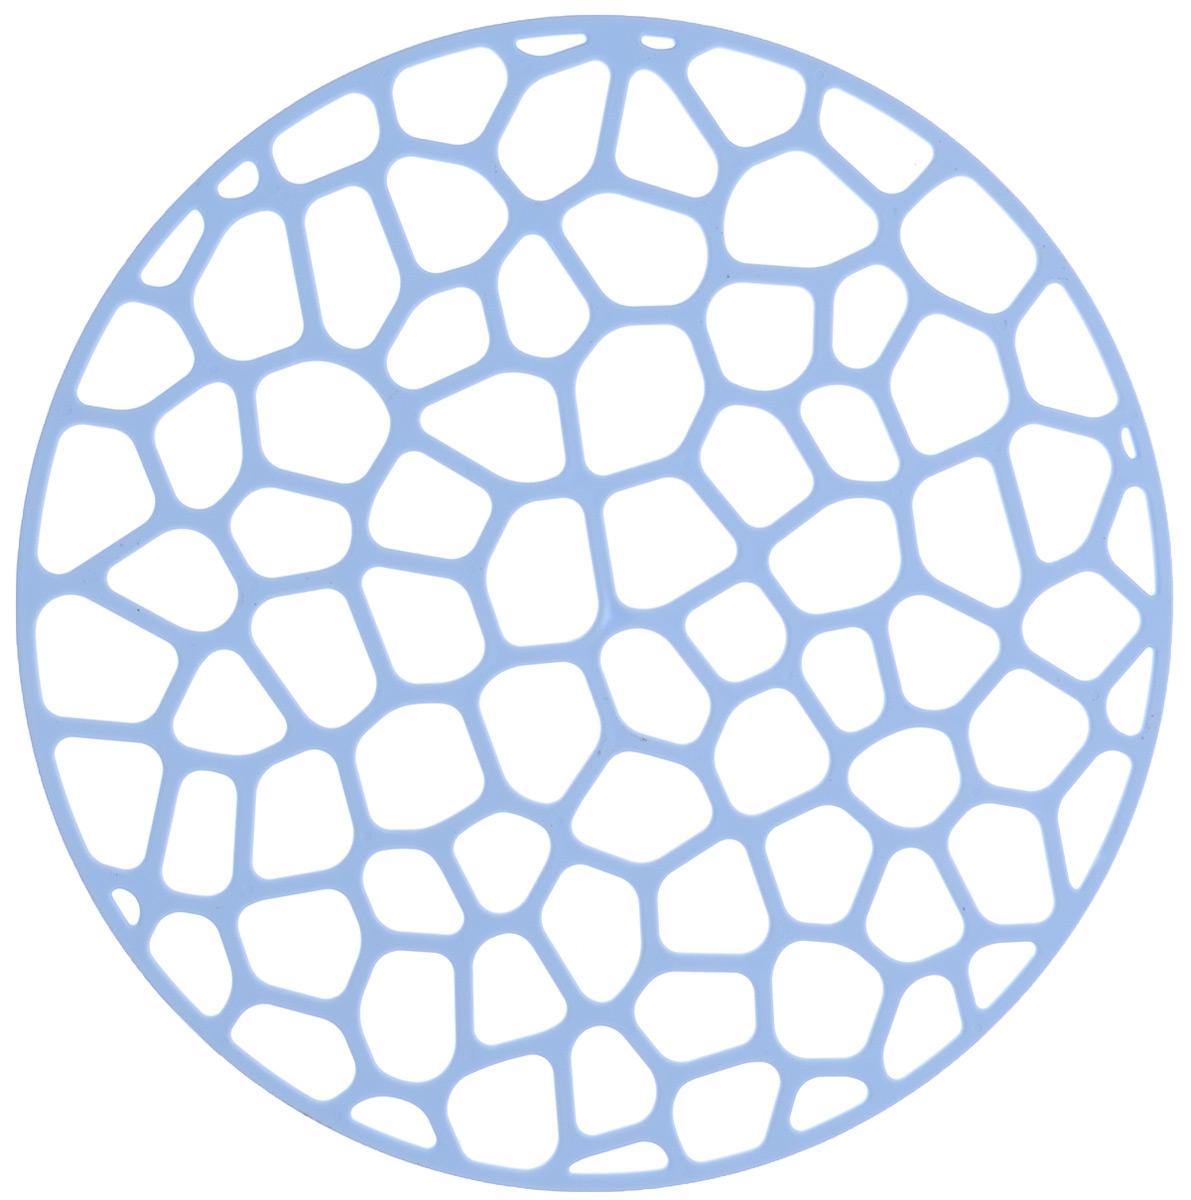 Коврик для раковины Idea, цвет: голубой, диаметр 30 смМ 1152Коврик для раковины Idea изготовлен из полипропилена (пластик). Изделие одновременно выполняет несколько функций: украшает, предотвращает появление на раковине царапин и сколов, защищает посуду от повреждений при падении в раковину, удерживает мусор, попадание которого в слив приводит к засорам. Изделие также обладает противоскользящим эффектом и может использоваться в качестве подставки для сушки чистой посуды. Легко очищается от грязи и жира.